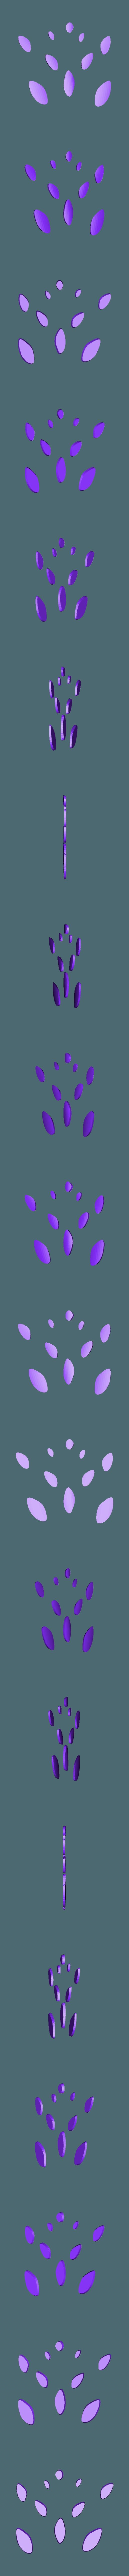 spots.stl Télécharger fichier STL gratuit Bébé Chat Potté • Objet à imprimer en 3D, reddadsteve